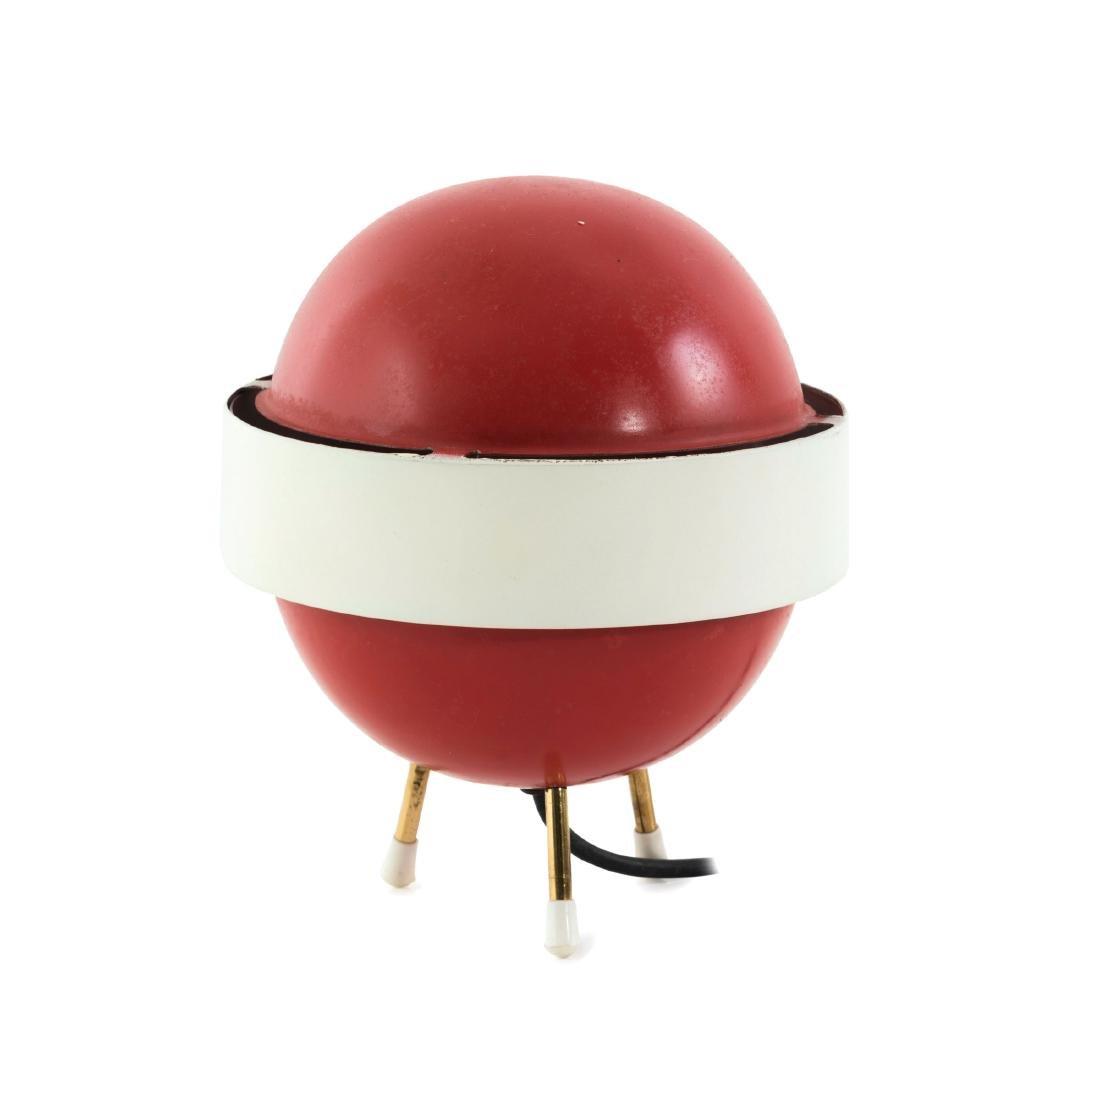 'Saturn' table light, c. 1959